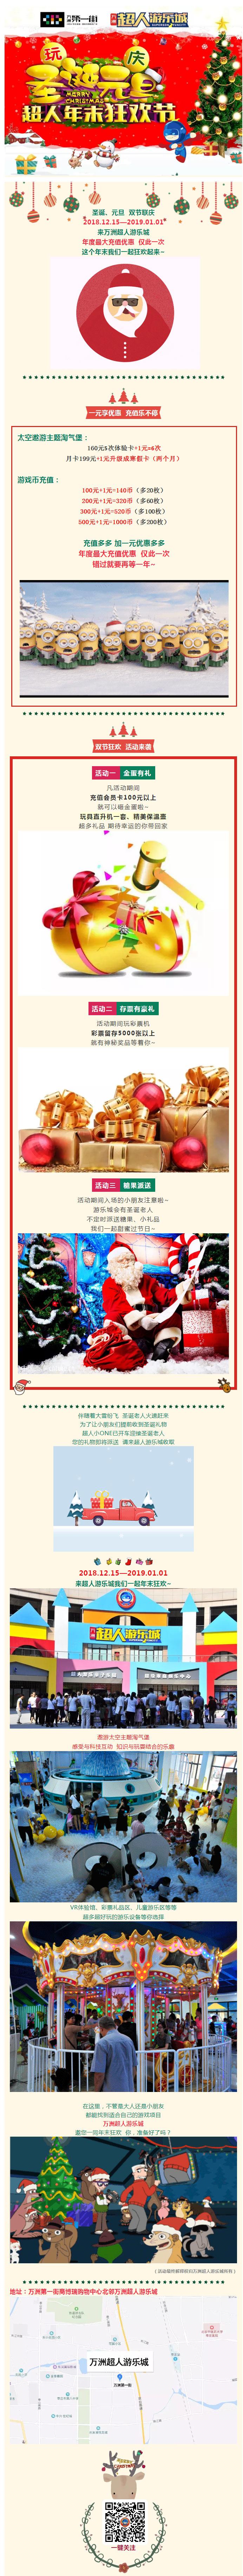 圣诞元旦1元狂欢,万洲超人游乐城,年度超值巨献限时发售!